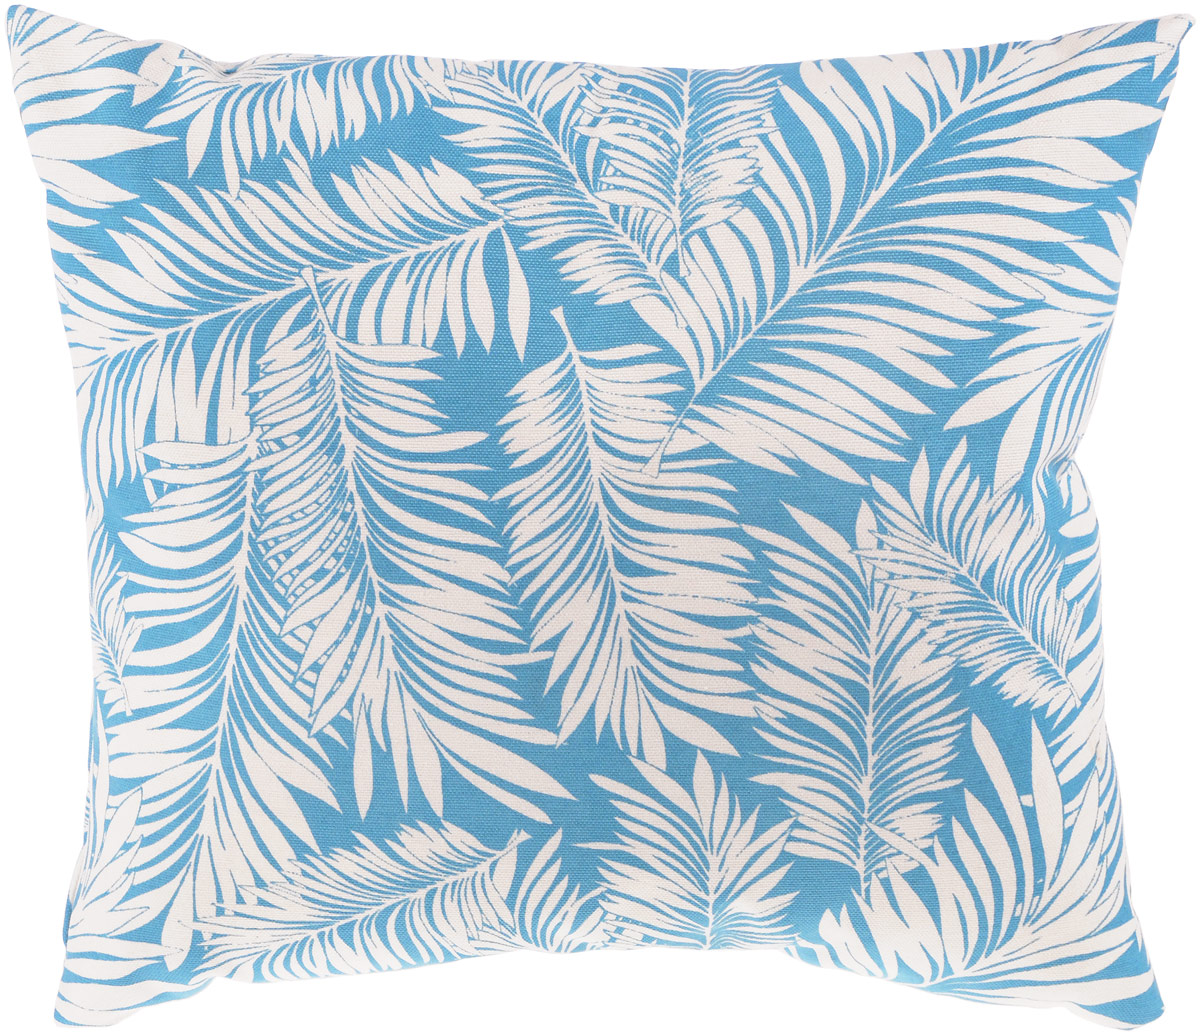 Подушка декоративная KauffOrt Лазурный берег, цвет: голубой, белый, 40 x 40 см3121039656Декоративная подушка Лазурный берег прекрасно дополнит интерьер спальни или гостиной. Очень нежный на ощупь чехол подушки выполнен из 75% хлопка и 25% полиэстера. Внутри находится мягкий наполнитель. Чехол легко снимается благодаря потайной молнии.Красивая подушка создаст атмосферу уюта и комфорта в спальне и станет прекрасным элементом декора.